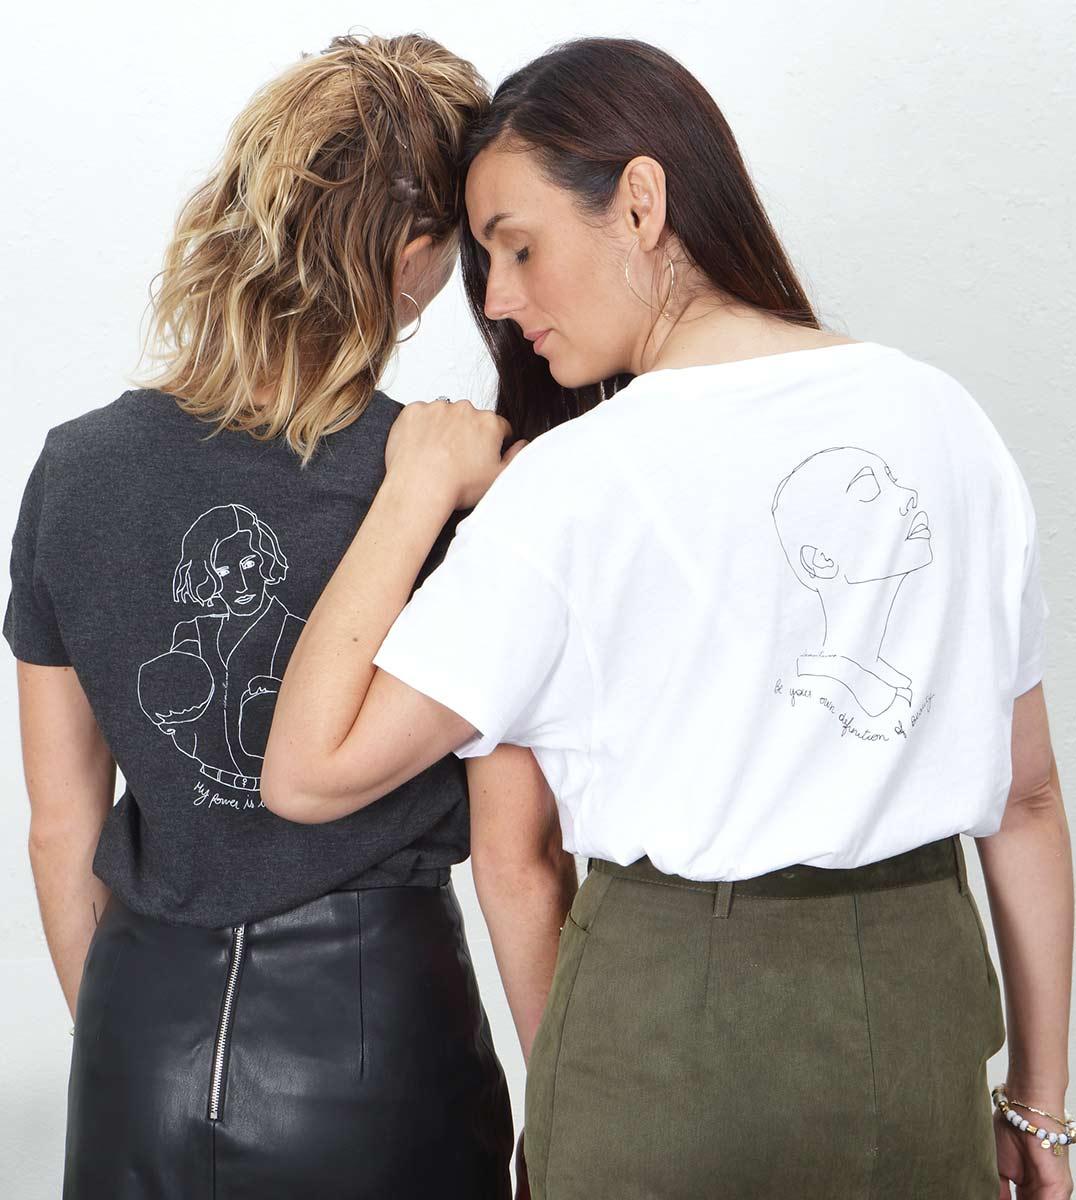 deux femmes pour la sororité portant des t-shirts inspirés de mythologies anciennes